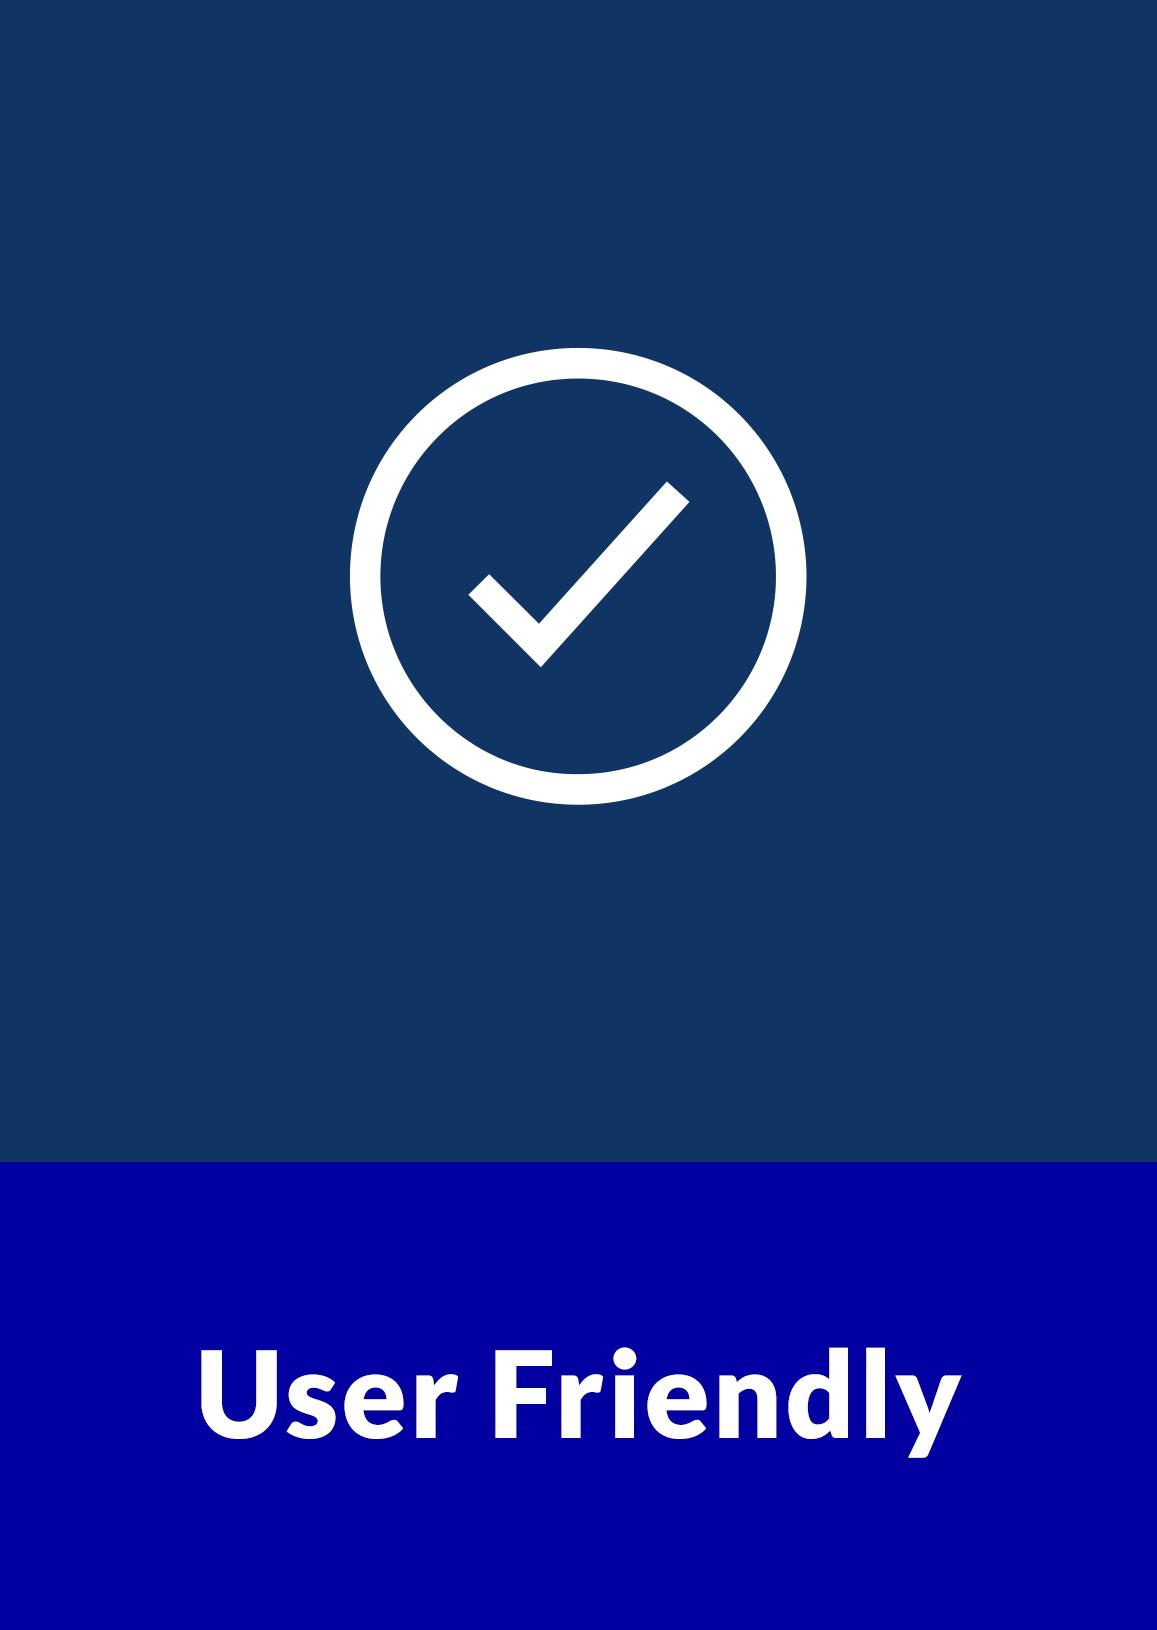 Wadl_und_Prtnr_User_Friendly_UIUX_009